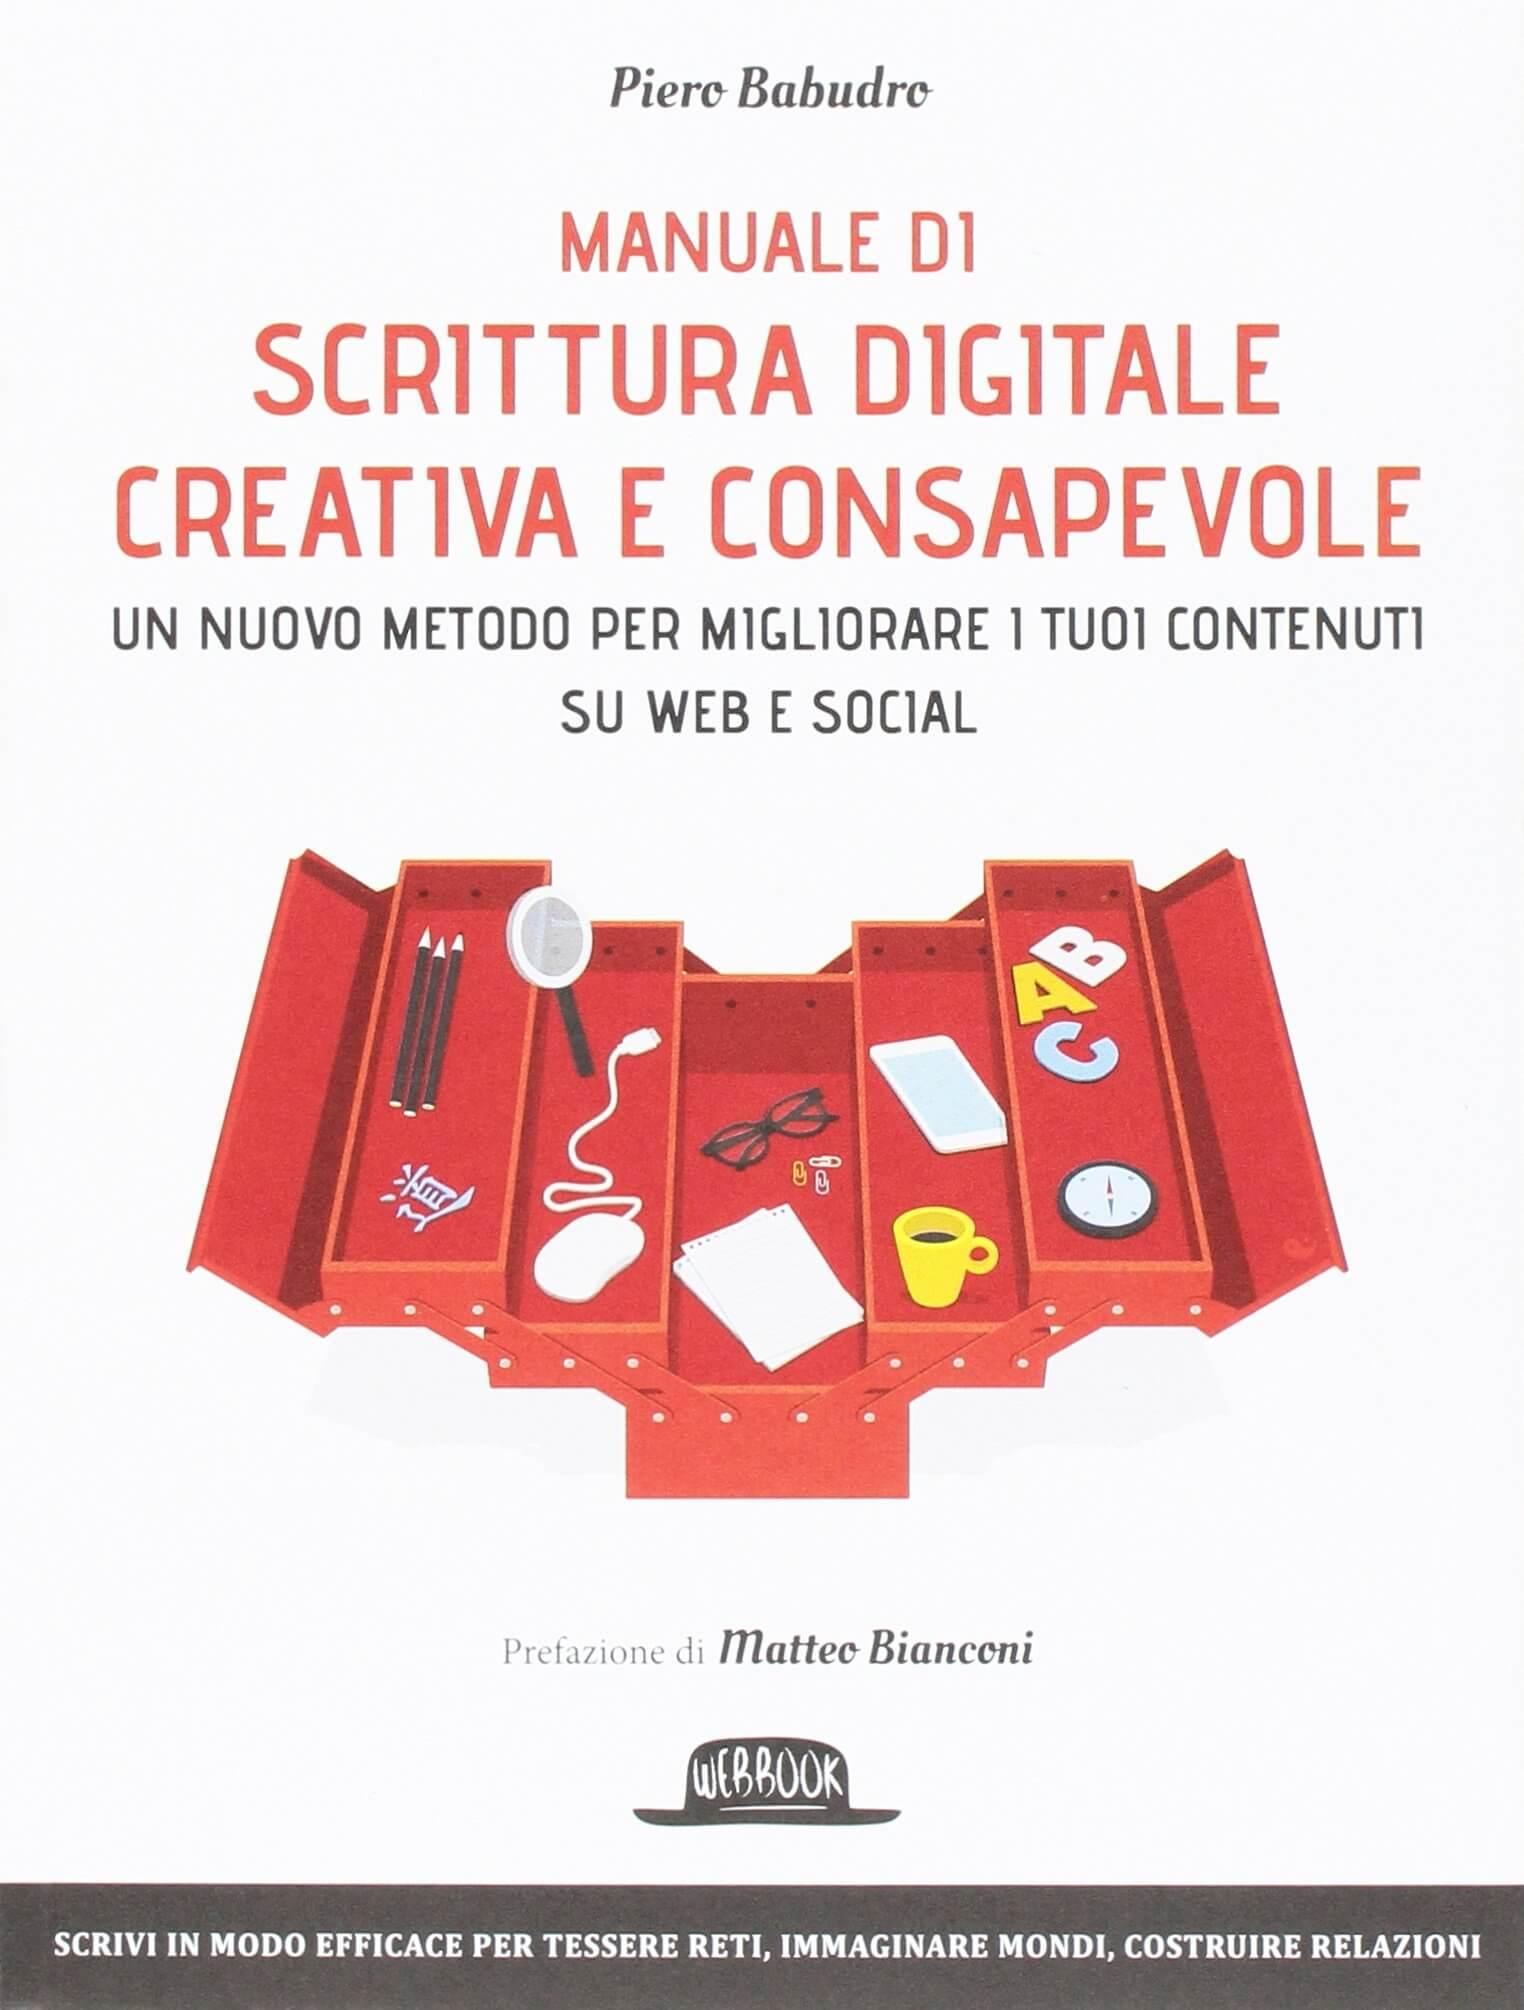 Manuale di scrittura digitale